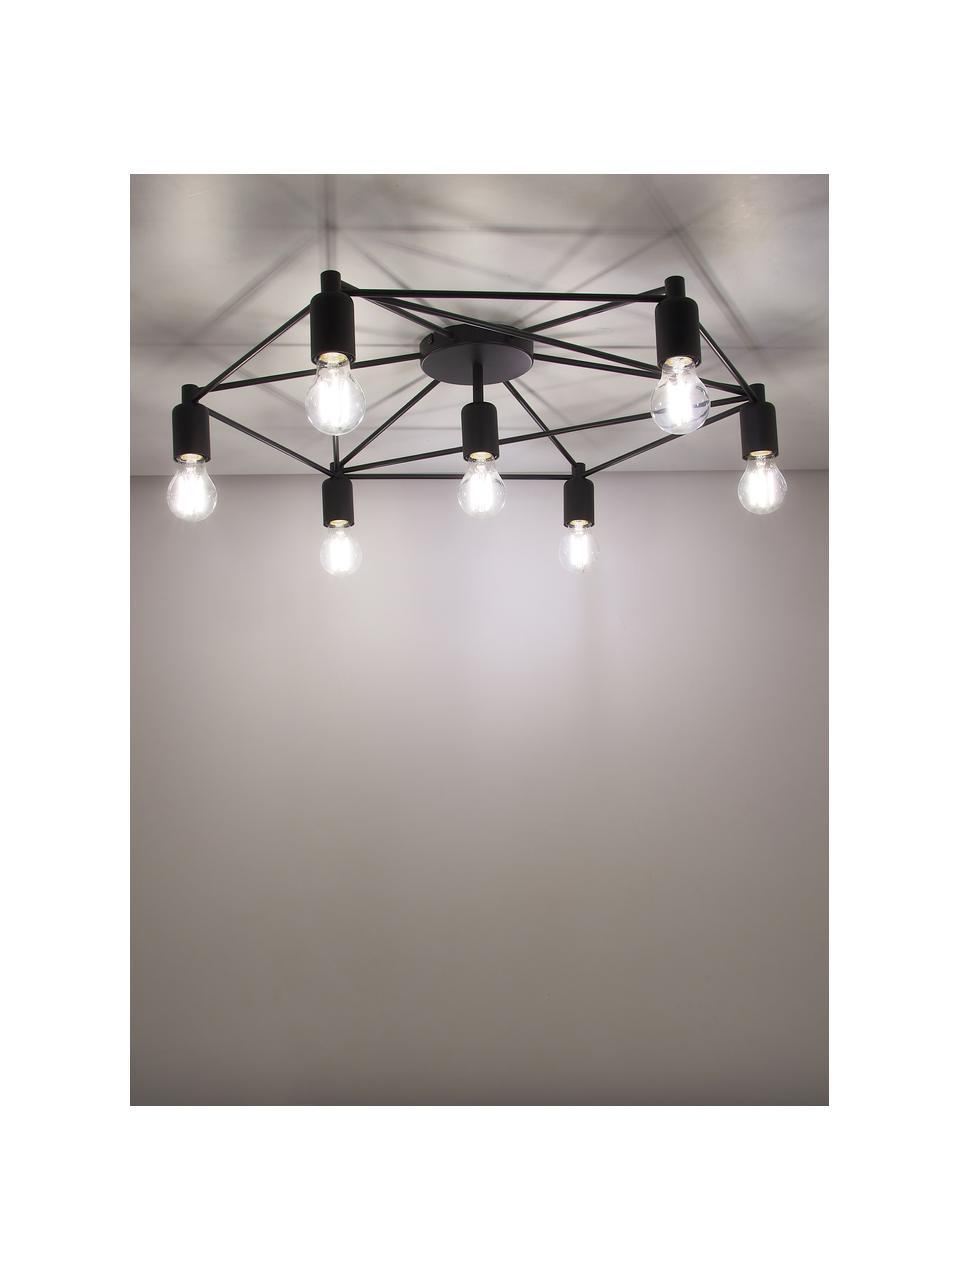 Große Deckenleuchte Staiti in Schwarz, Baldachin: Stahl, lackiert, Schwarz, Ø 76 x H 14 cm